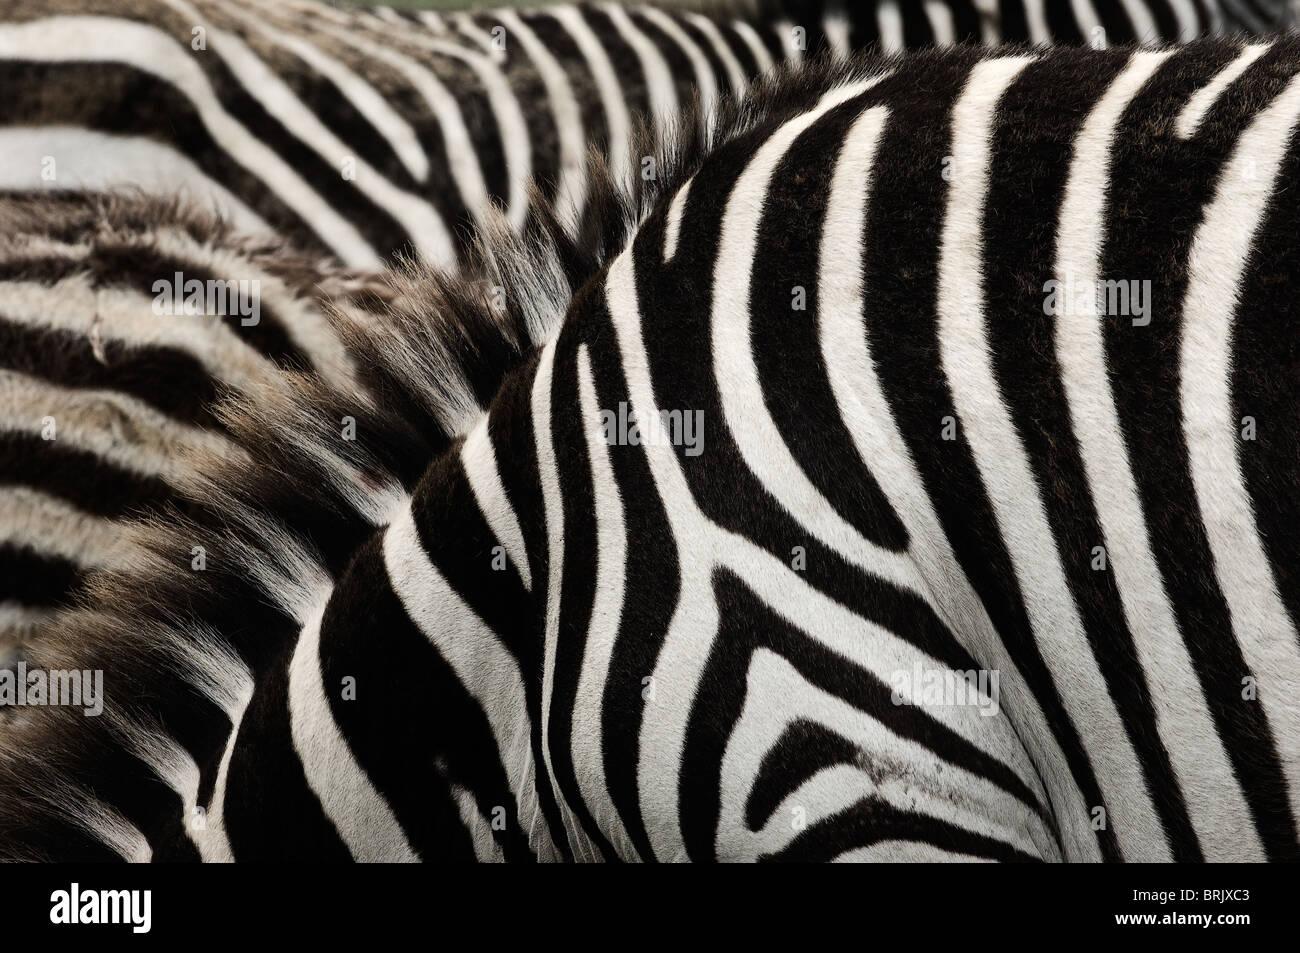 Zebra stripes. - Stock Image